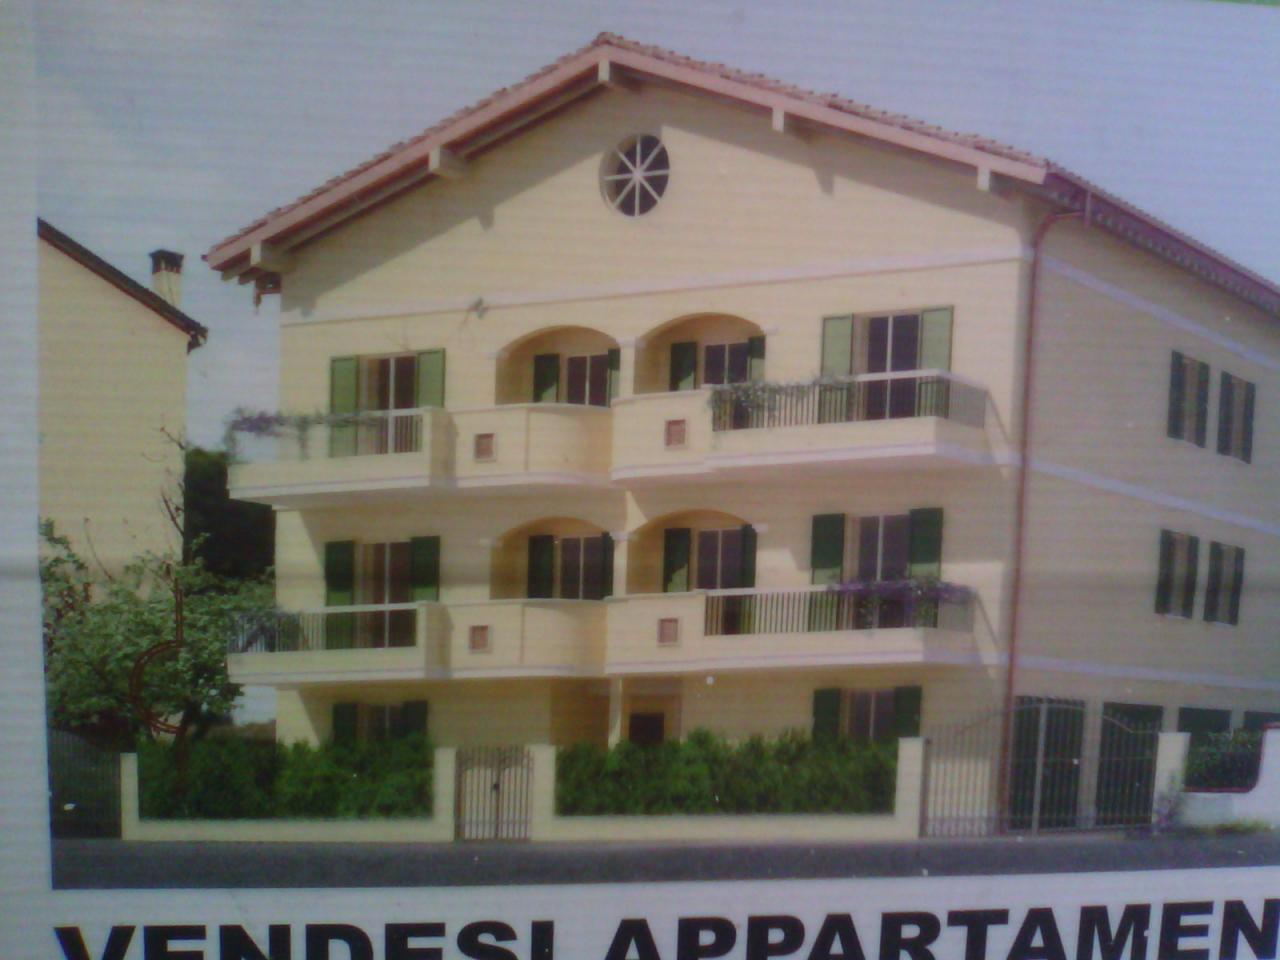 Impresa edile a Modena. IMPRESA EDILE FP cell 339 3190661